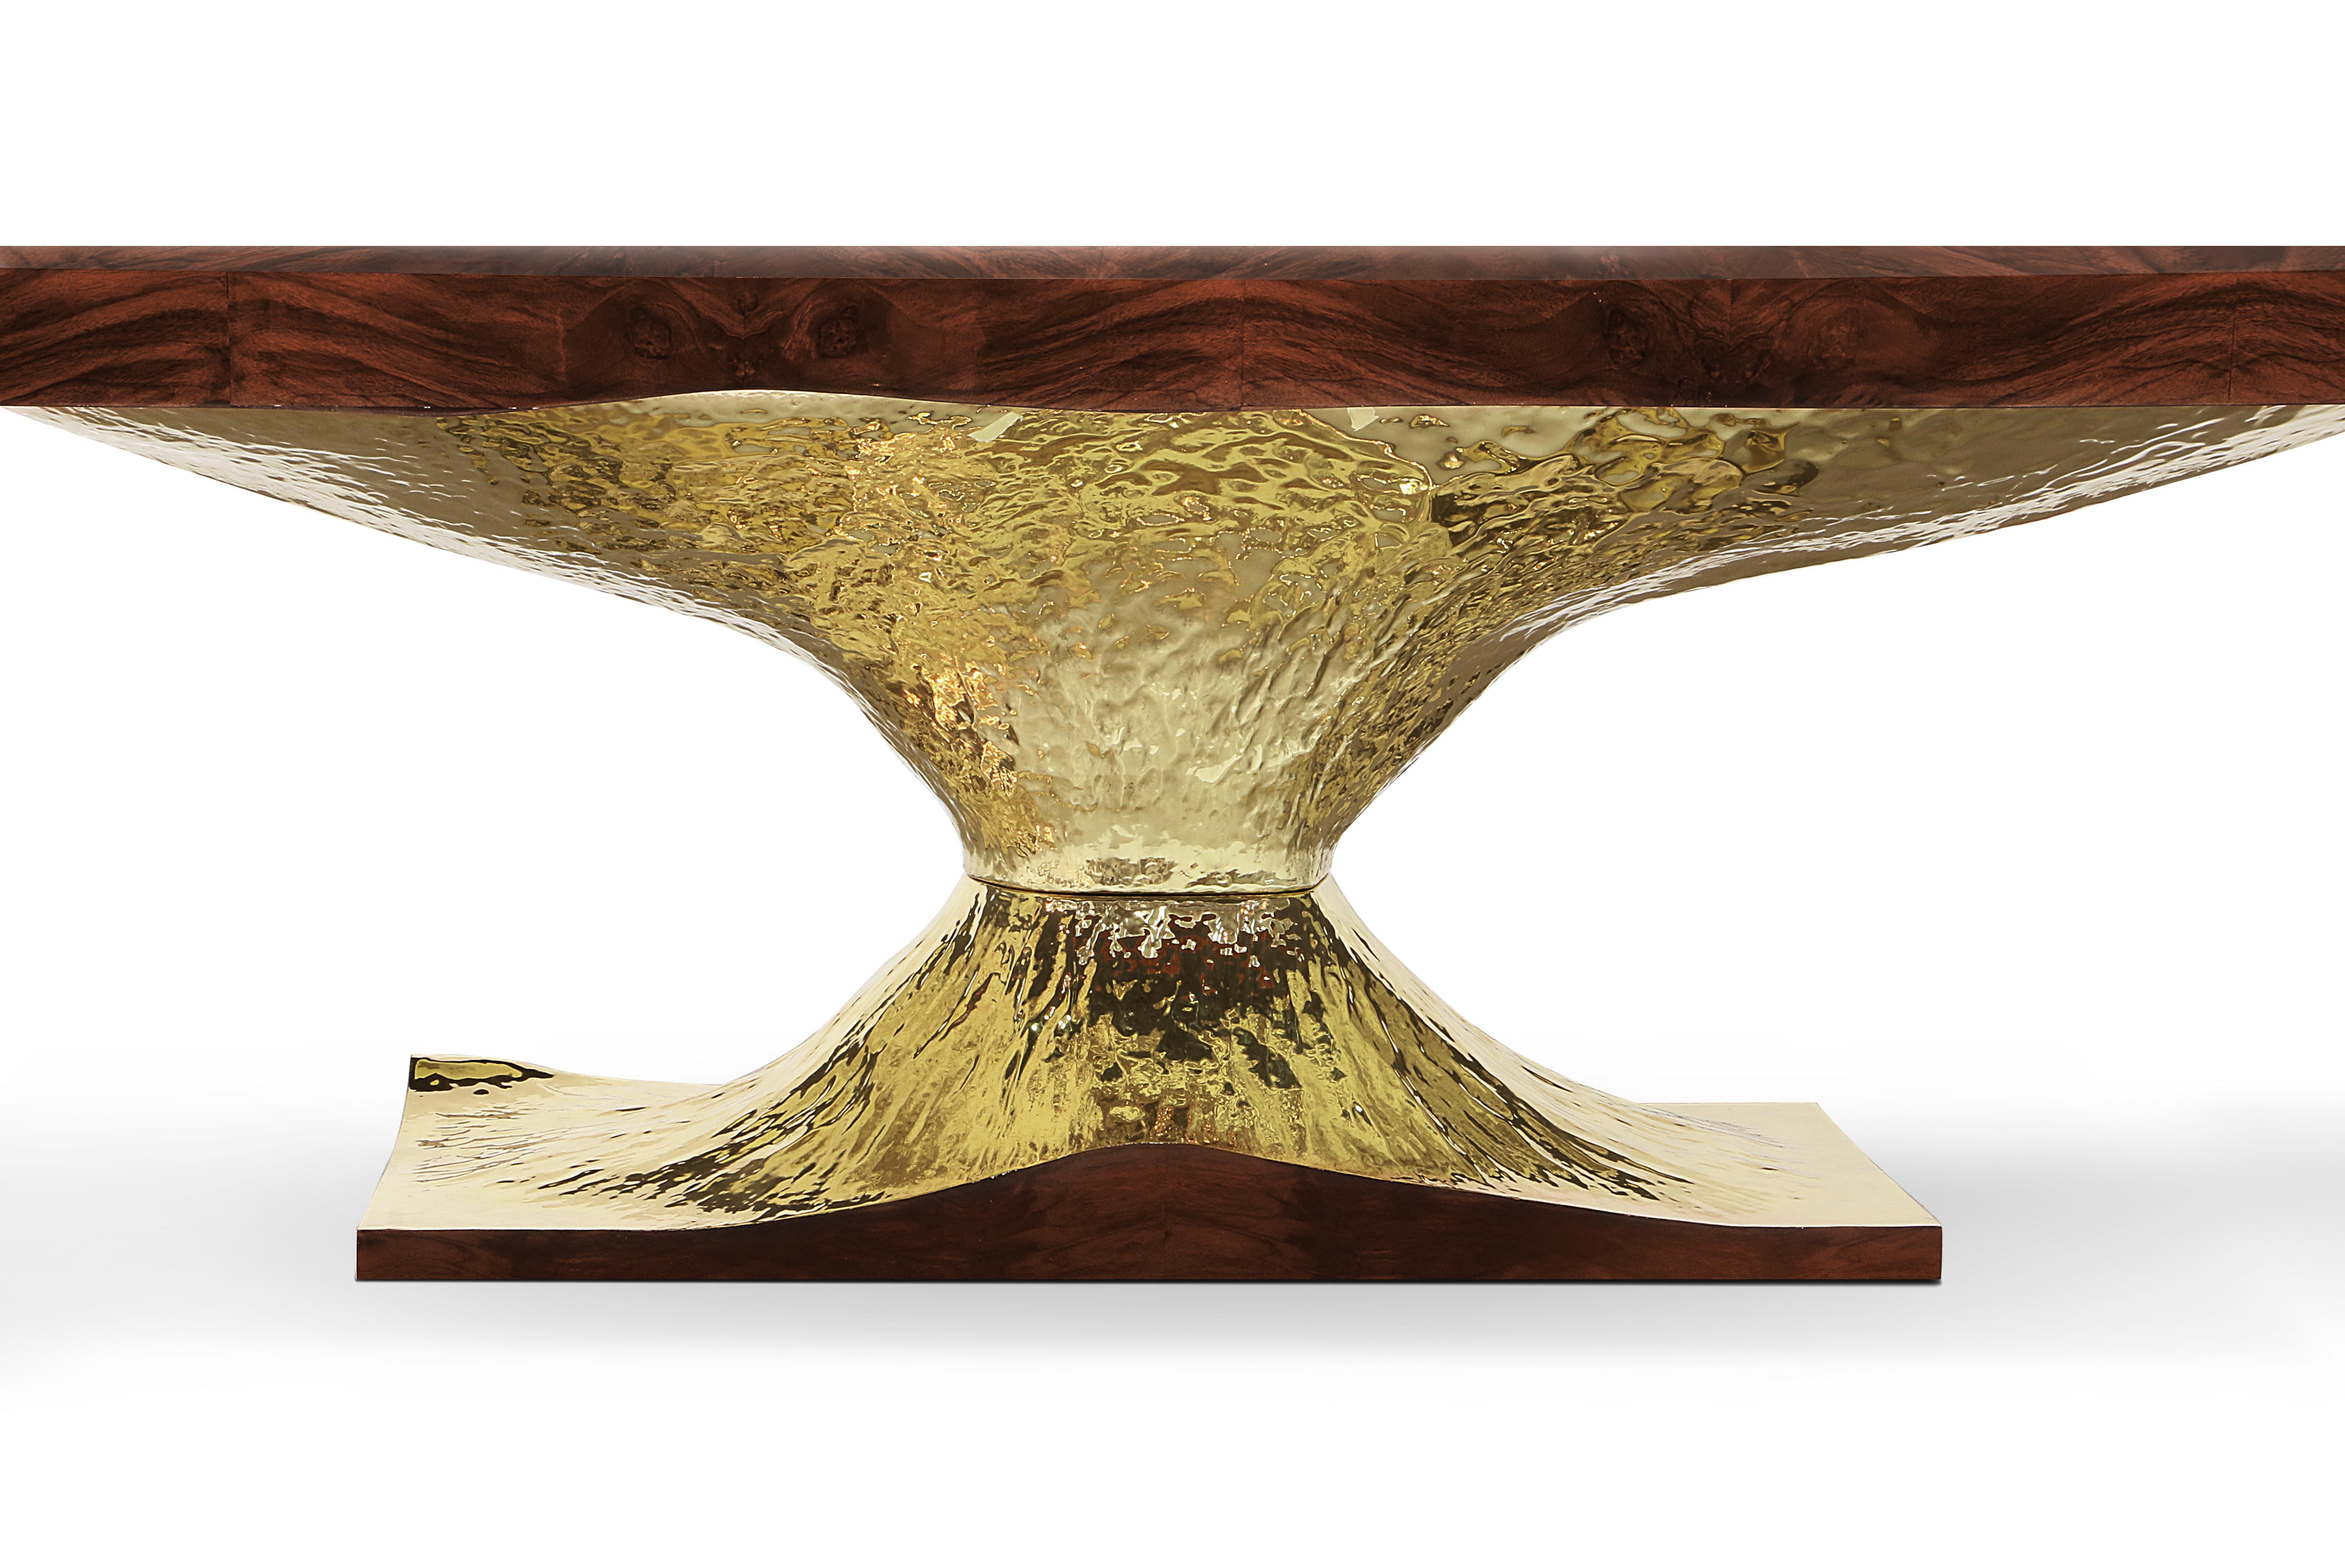 обеденный стол обеденный стол Новый обеденный стол от Boca do Lobo - истинный смысл красоты metamorphosis 02